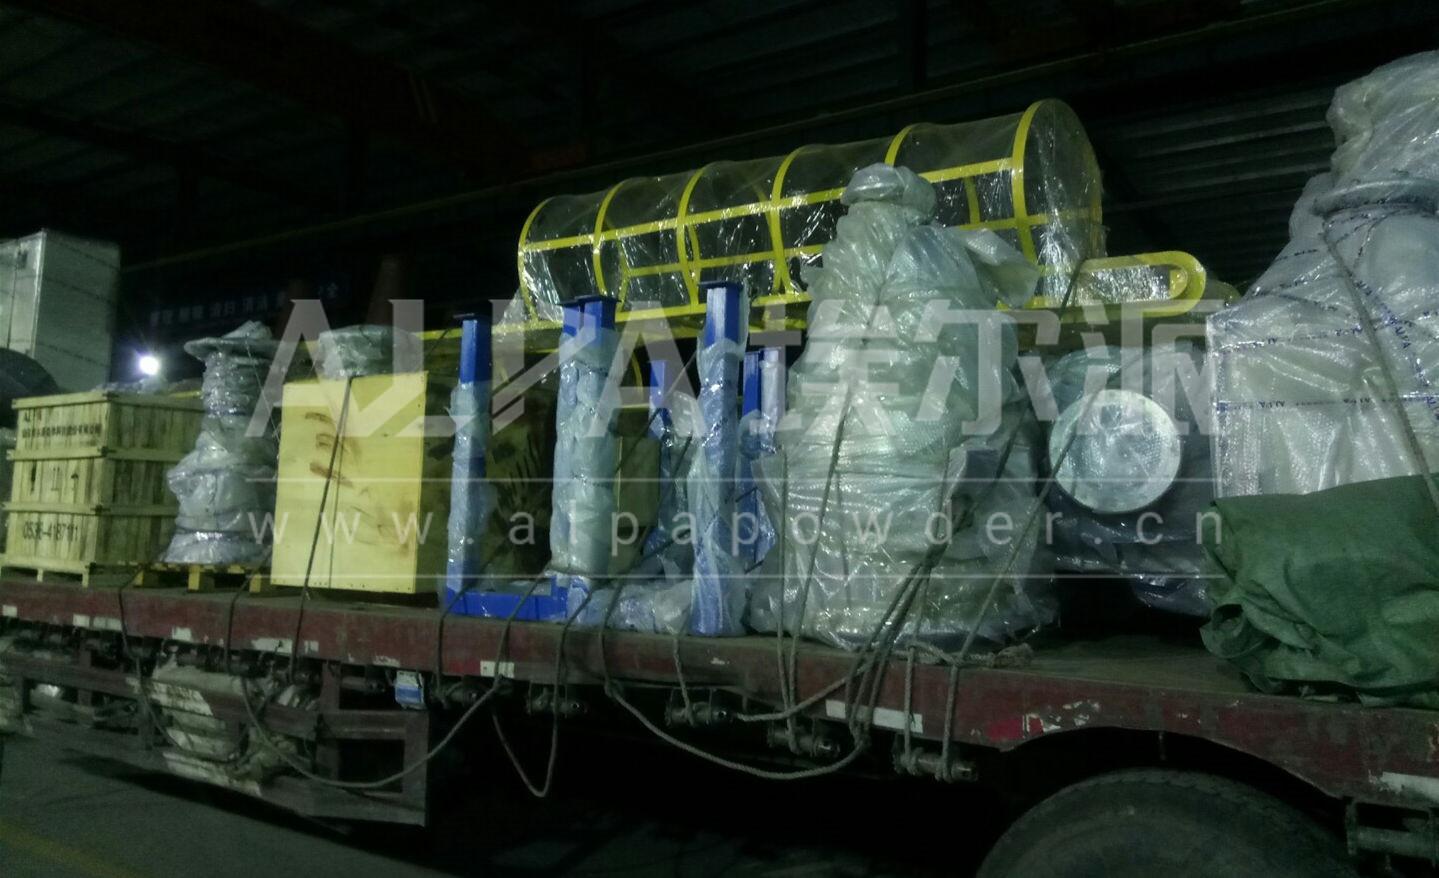 埃尔派为知名食品企业提供的空气分级磨顺利发货